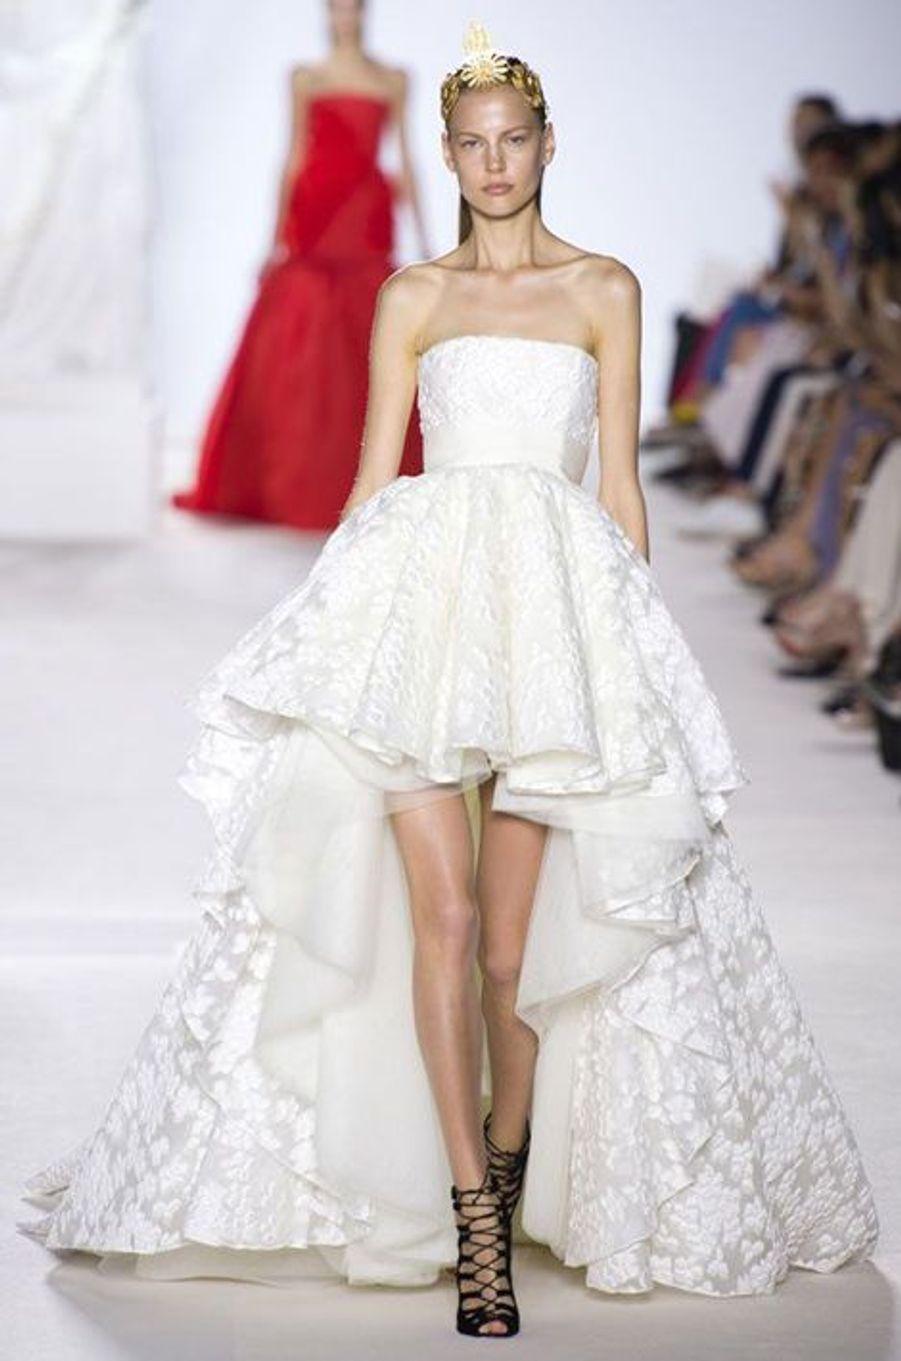 Issue de la collection haute- couture automne- hiver 2013- 2014, cette robe asymétrique rompt avec la traditionnelle robe de mariée. Une large ceinture blanc cassé marque la taille.